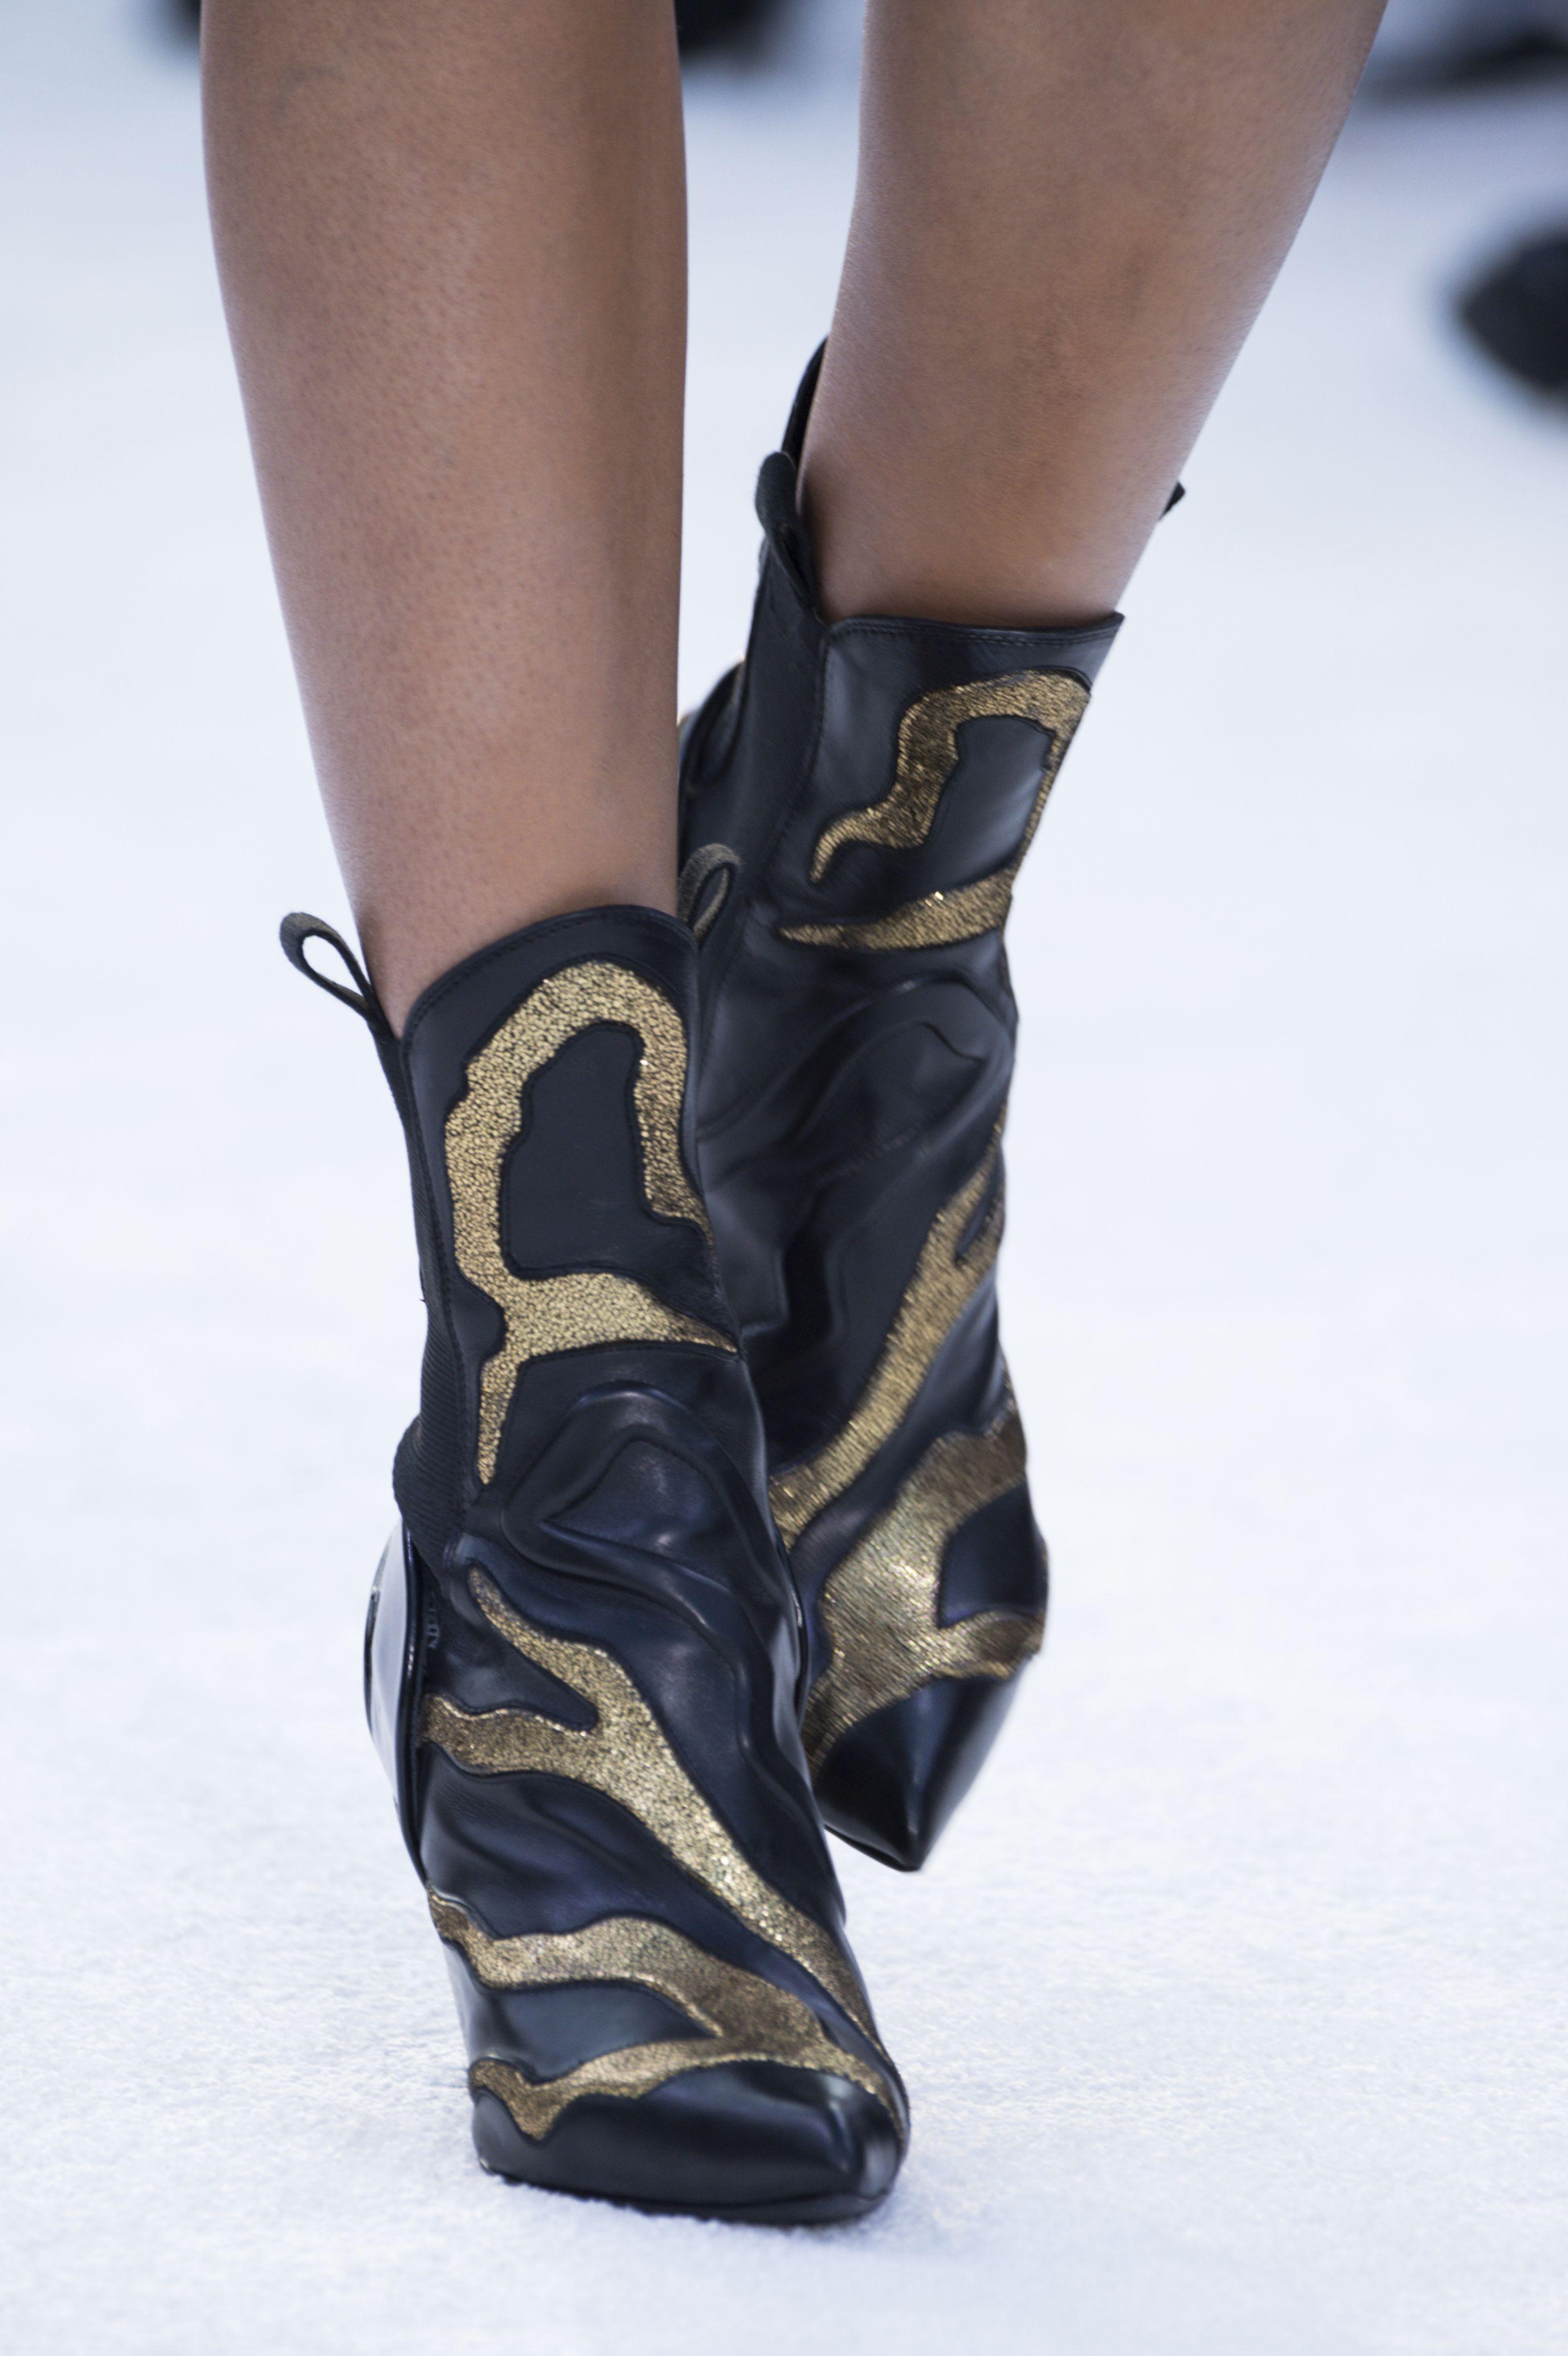 boots julie de la playa shoes in 2018 pinterest objetos and